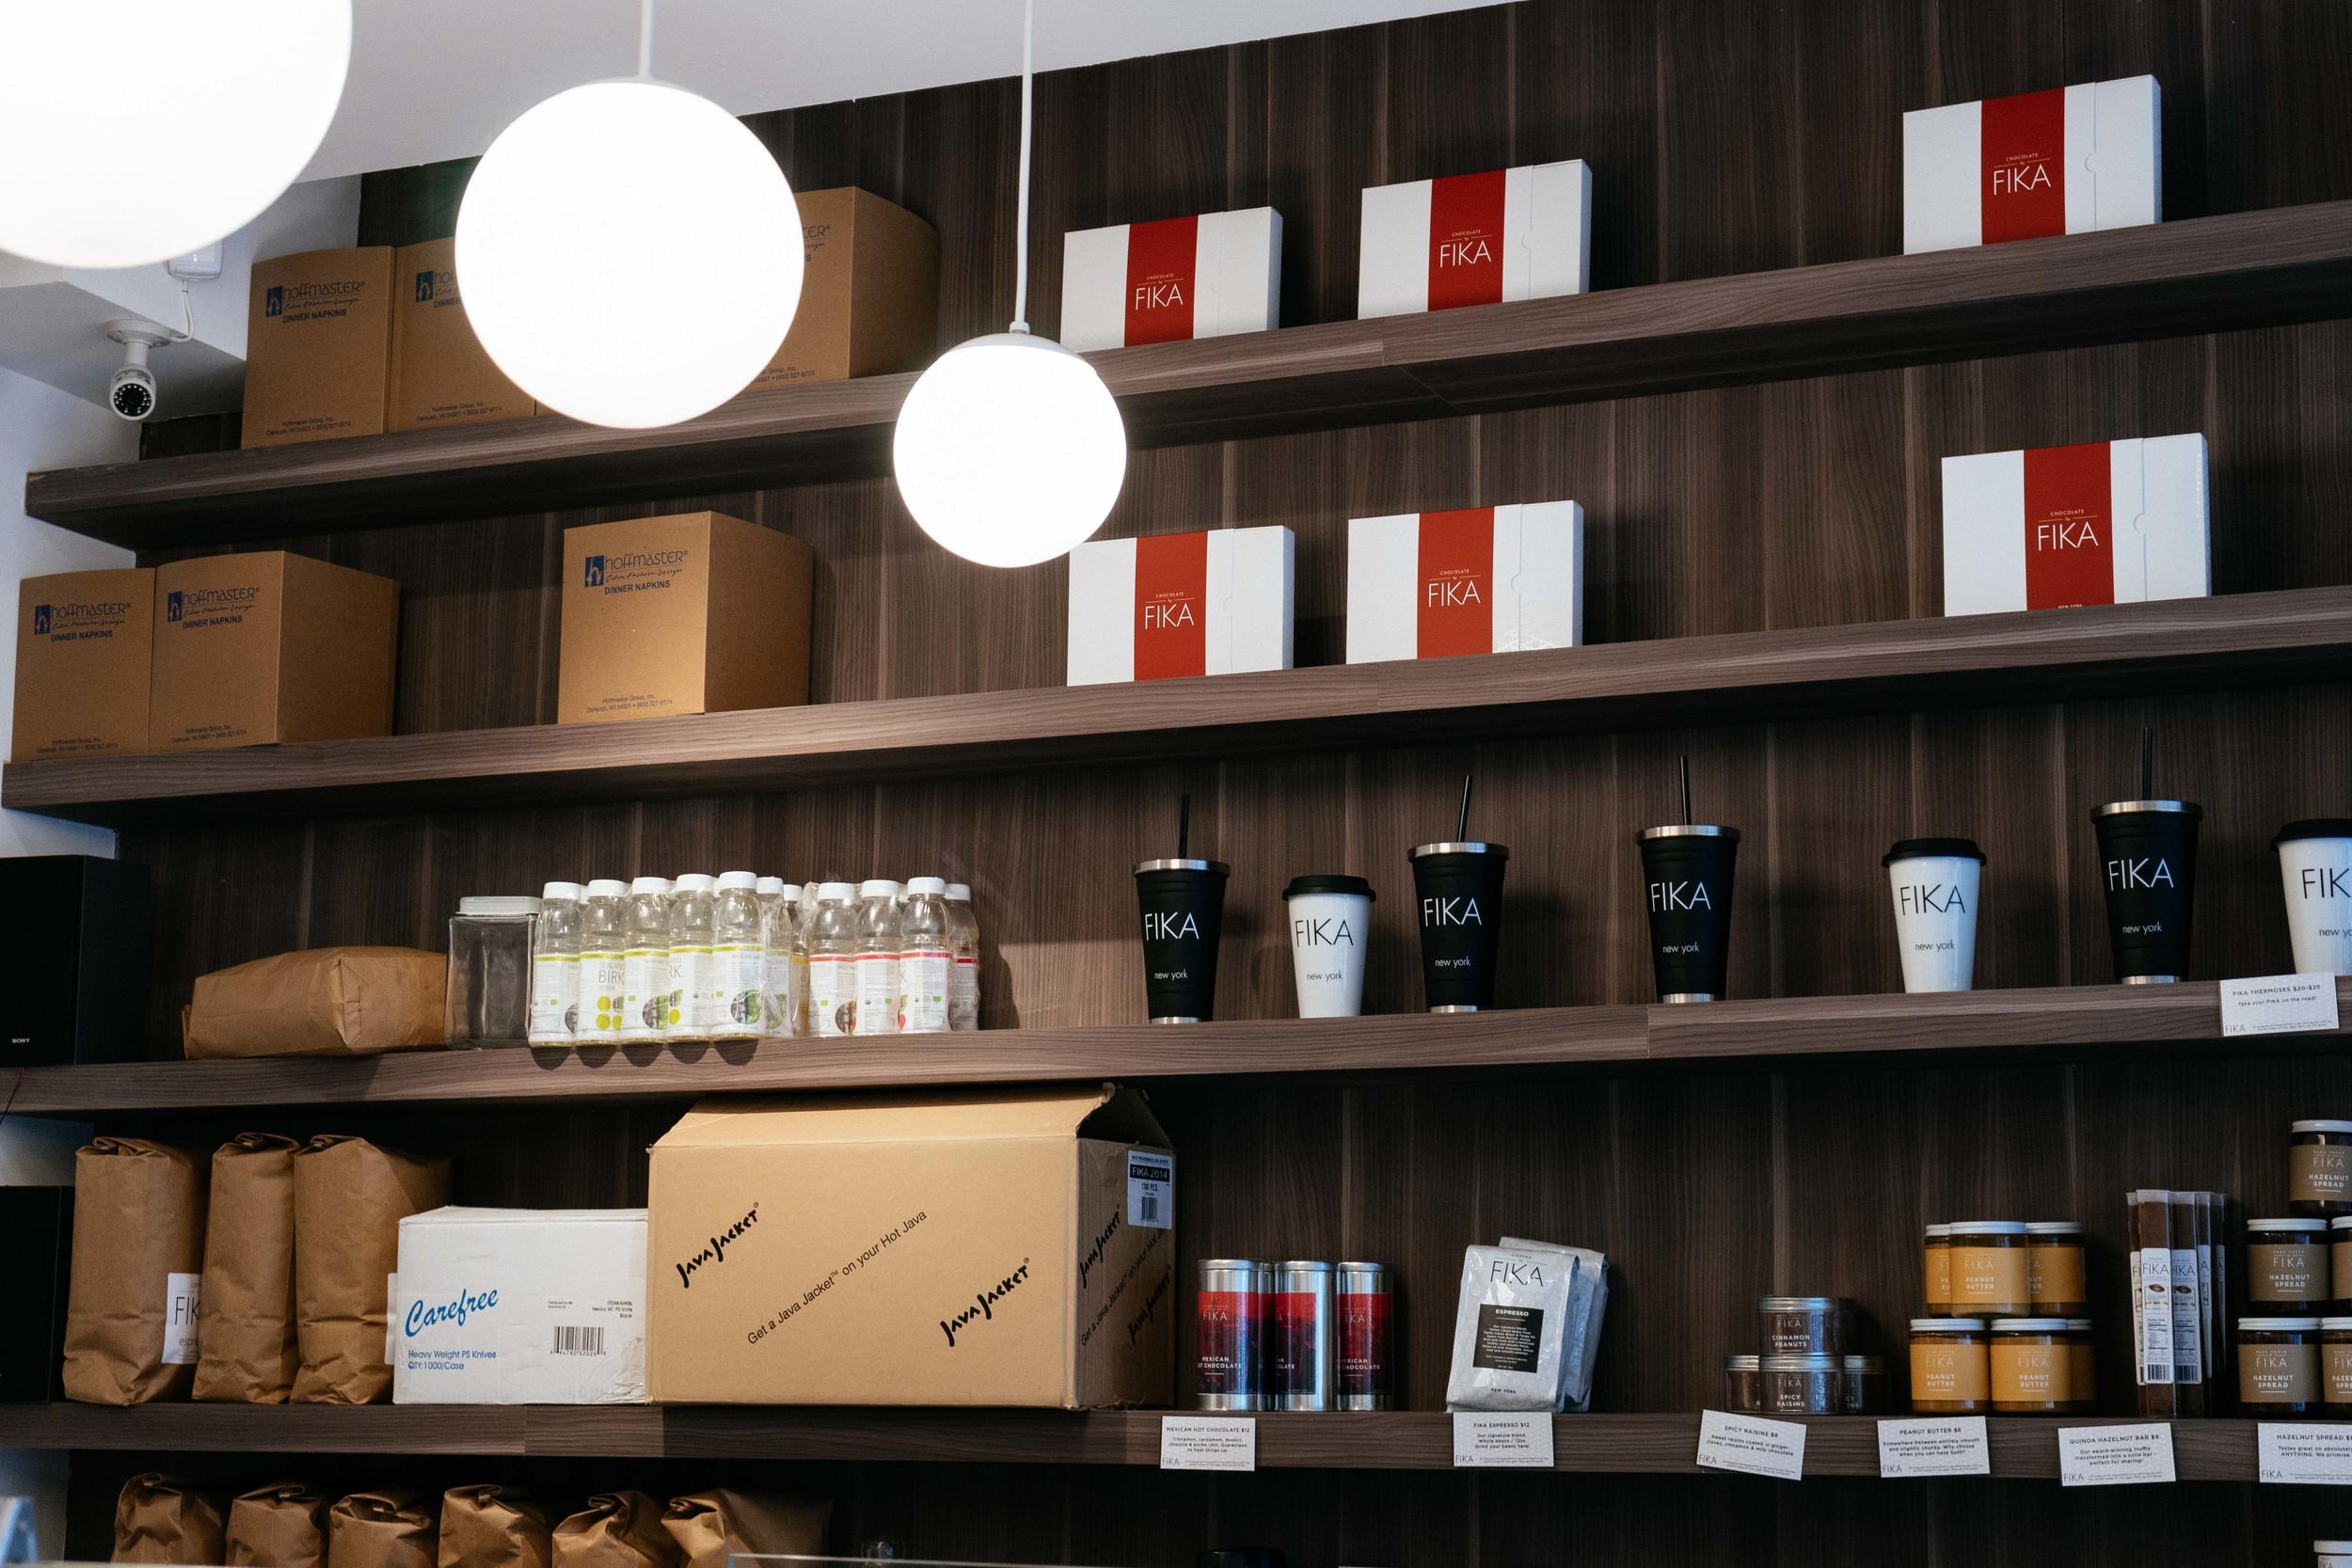 LeSycomore_coffee-shop-FIKA-esspresso-bar-7